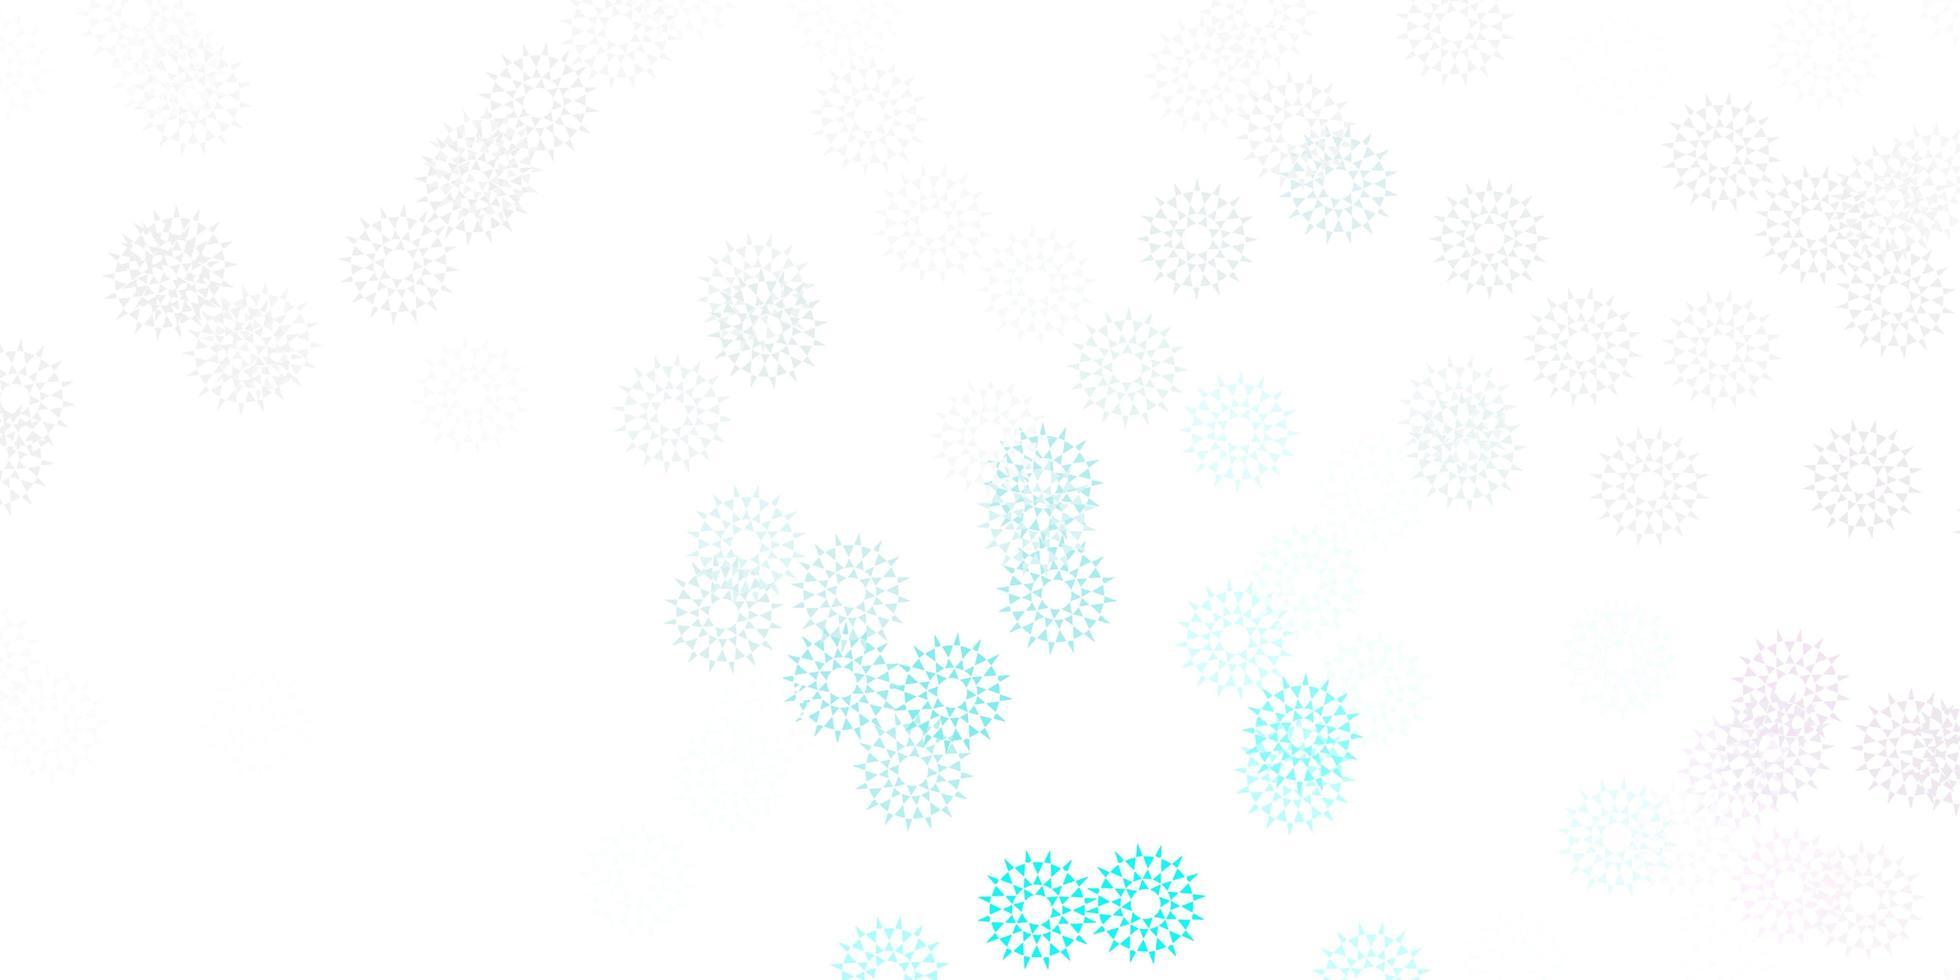 sfondo doodle vettoriale rosa chiaro, blu con fiori.